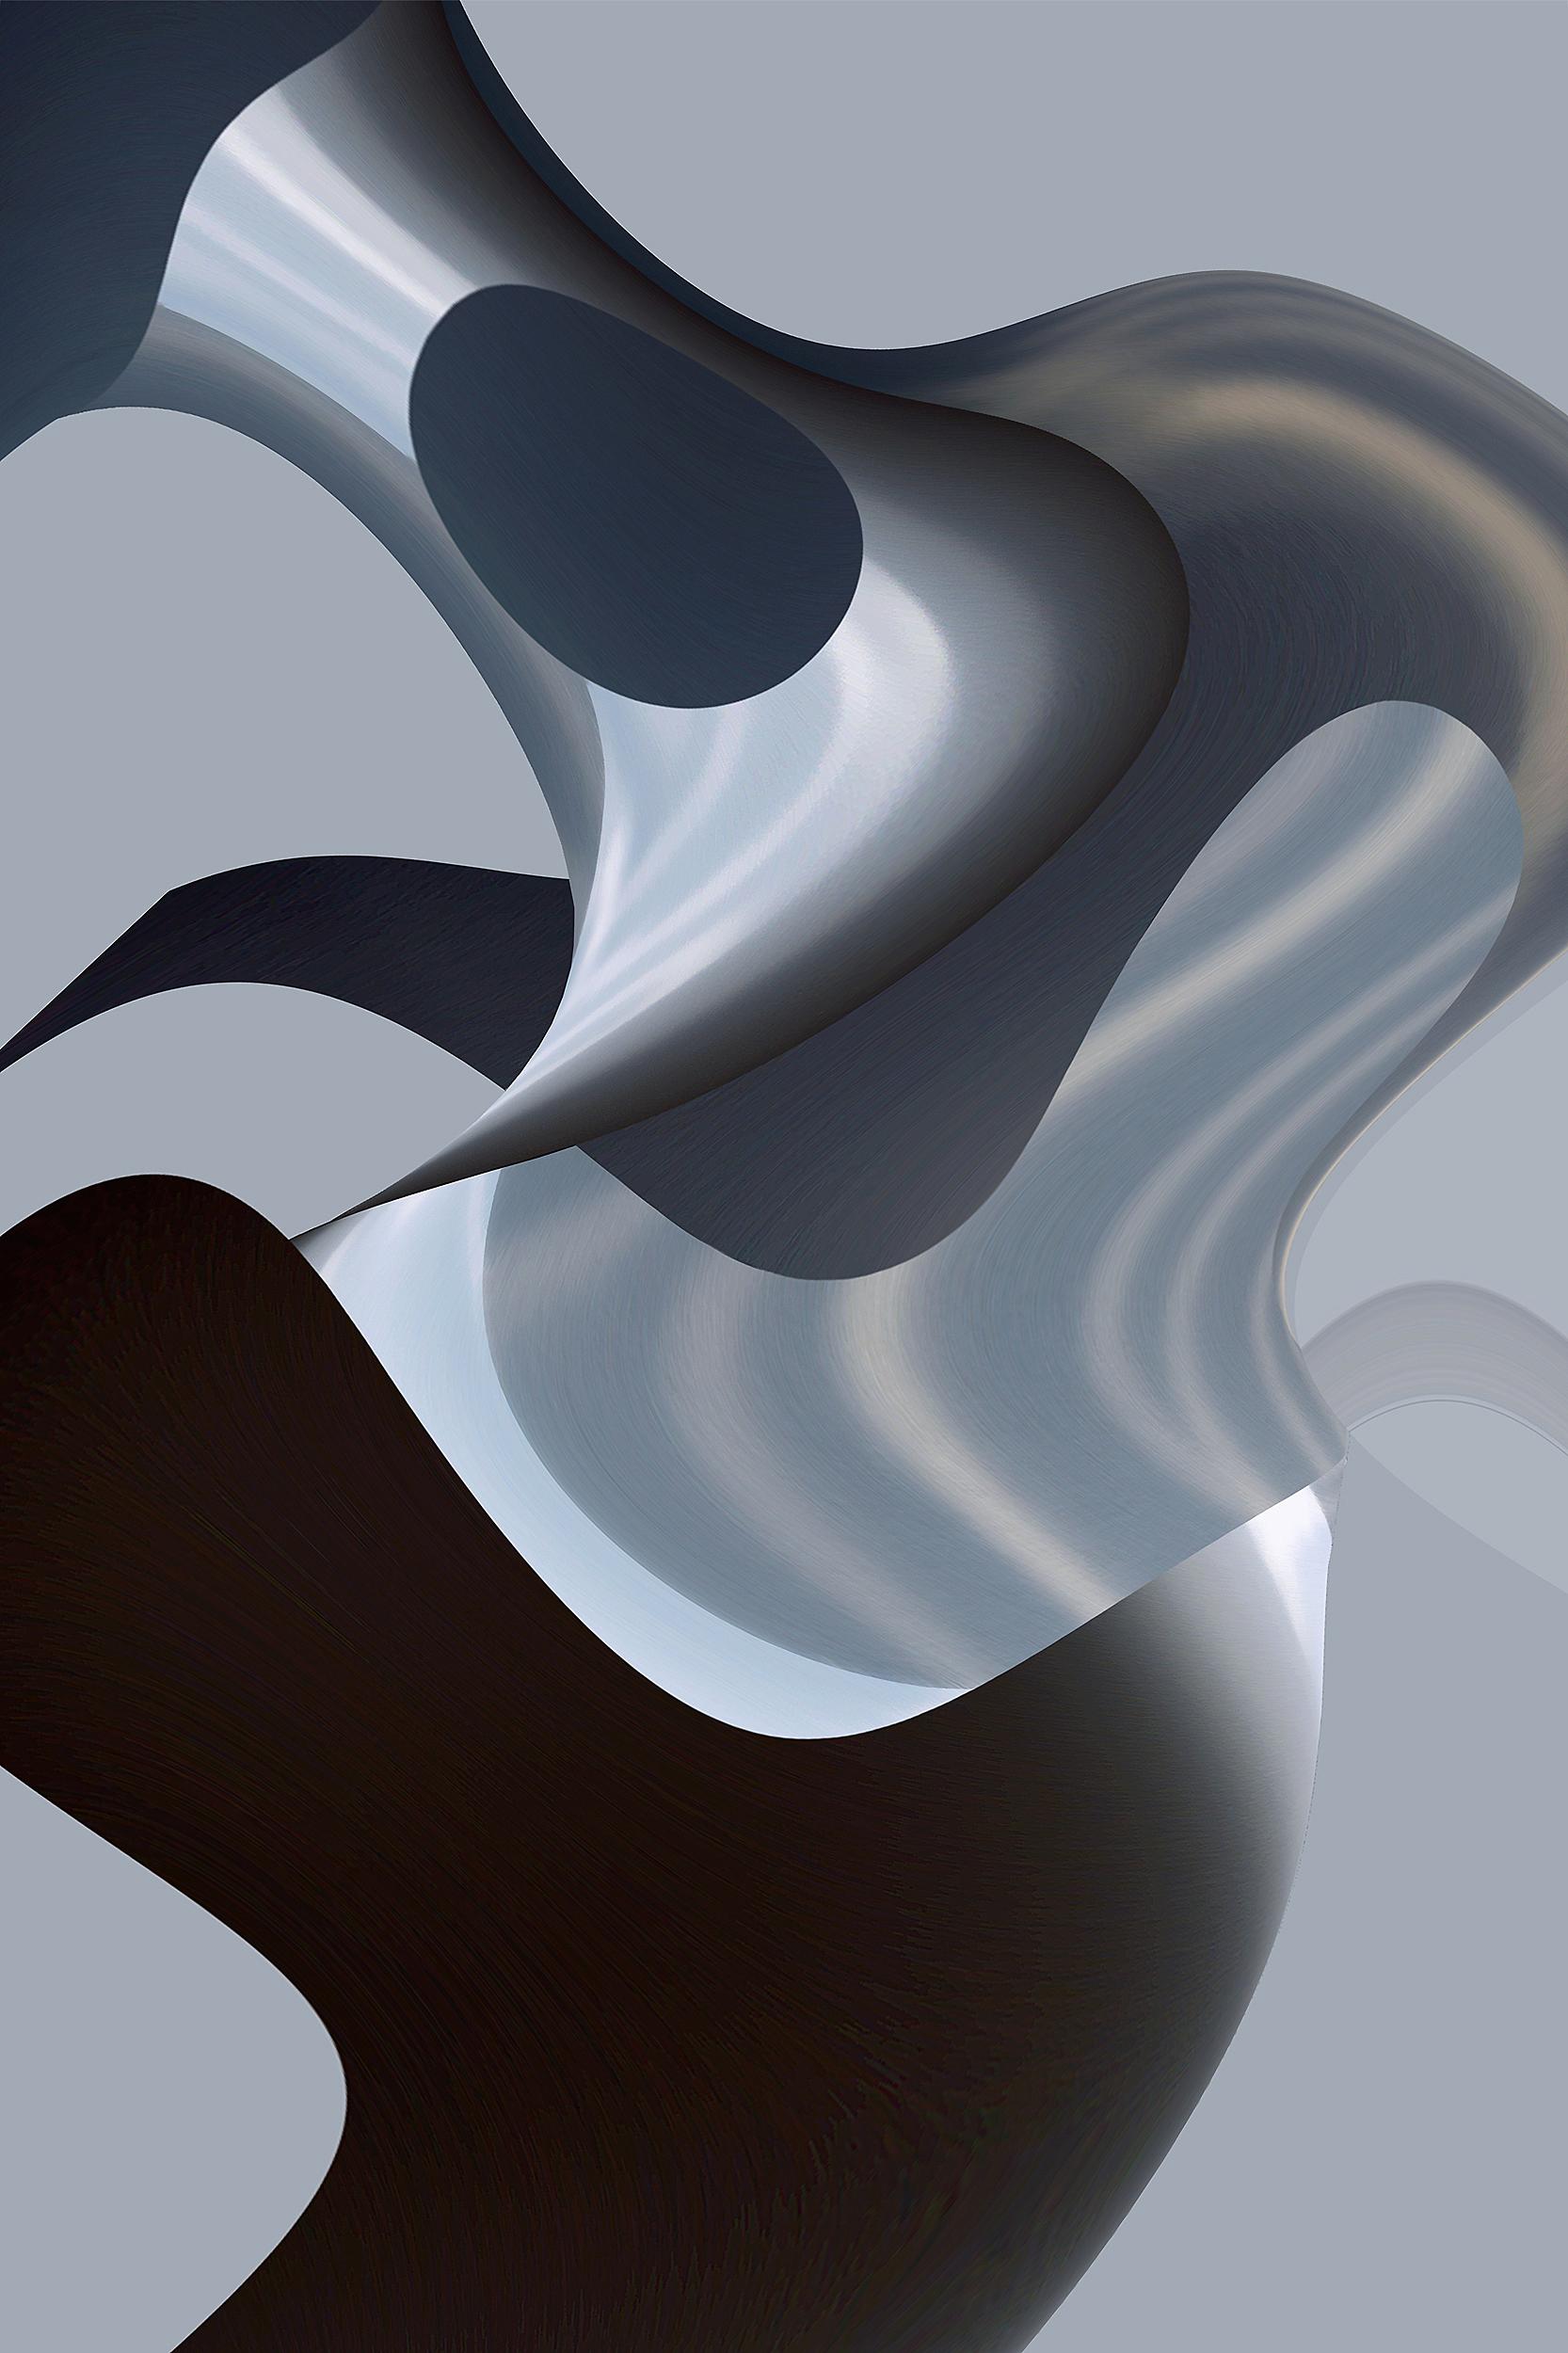 ursa_schoepper_formation.in.space2.jpg